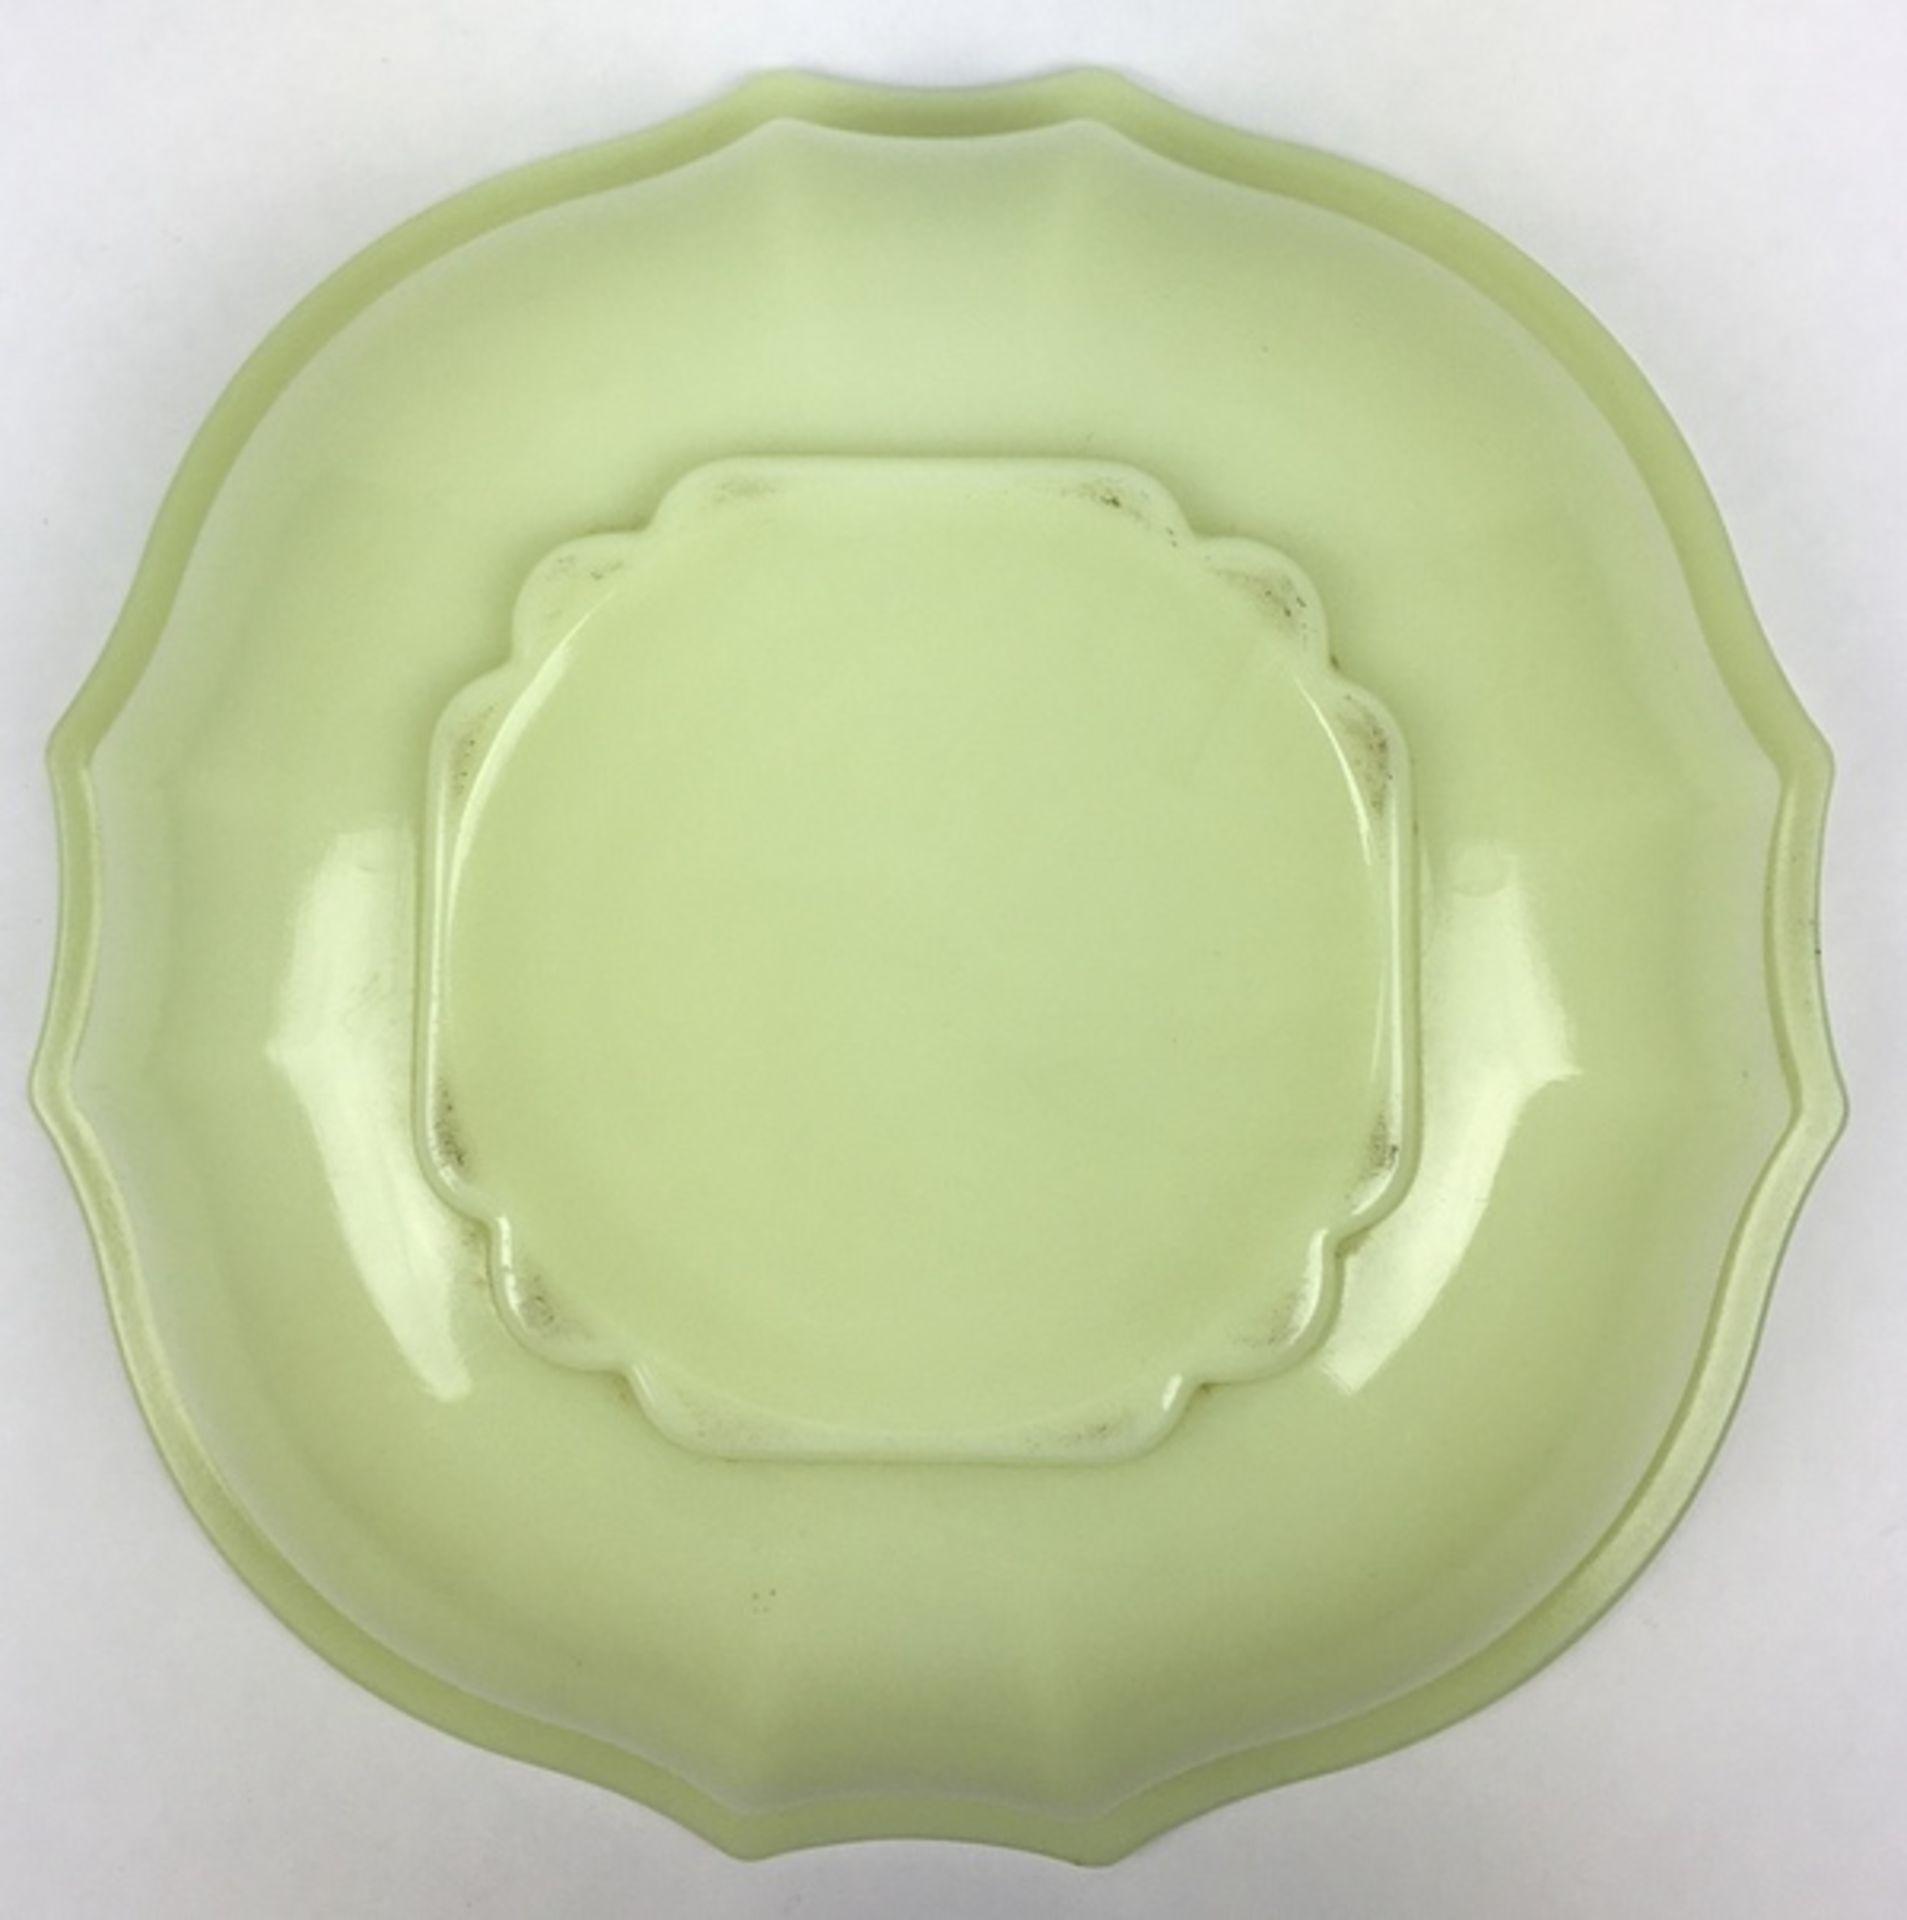 (Toegpaste kunst) Gele colopal plantenschaal, A.D. Copier Glasfabriek LeerdamGeschulpte gele co - Image 4 of 5